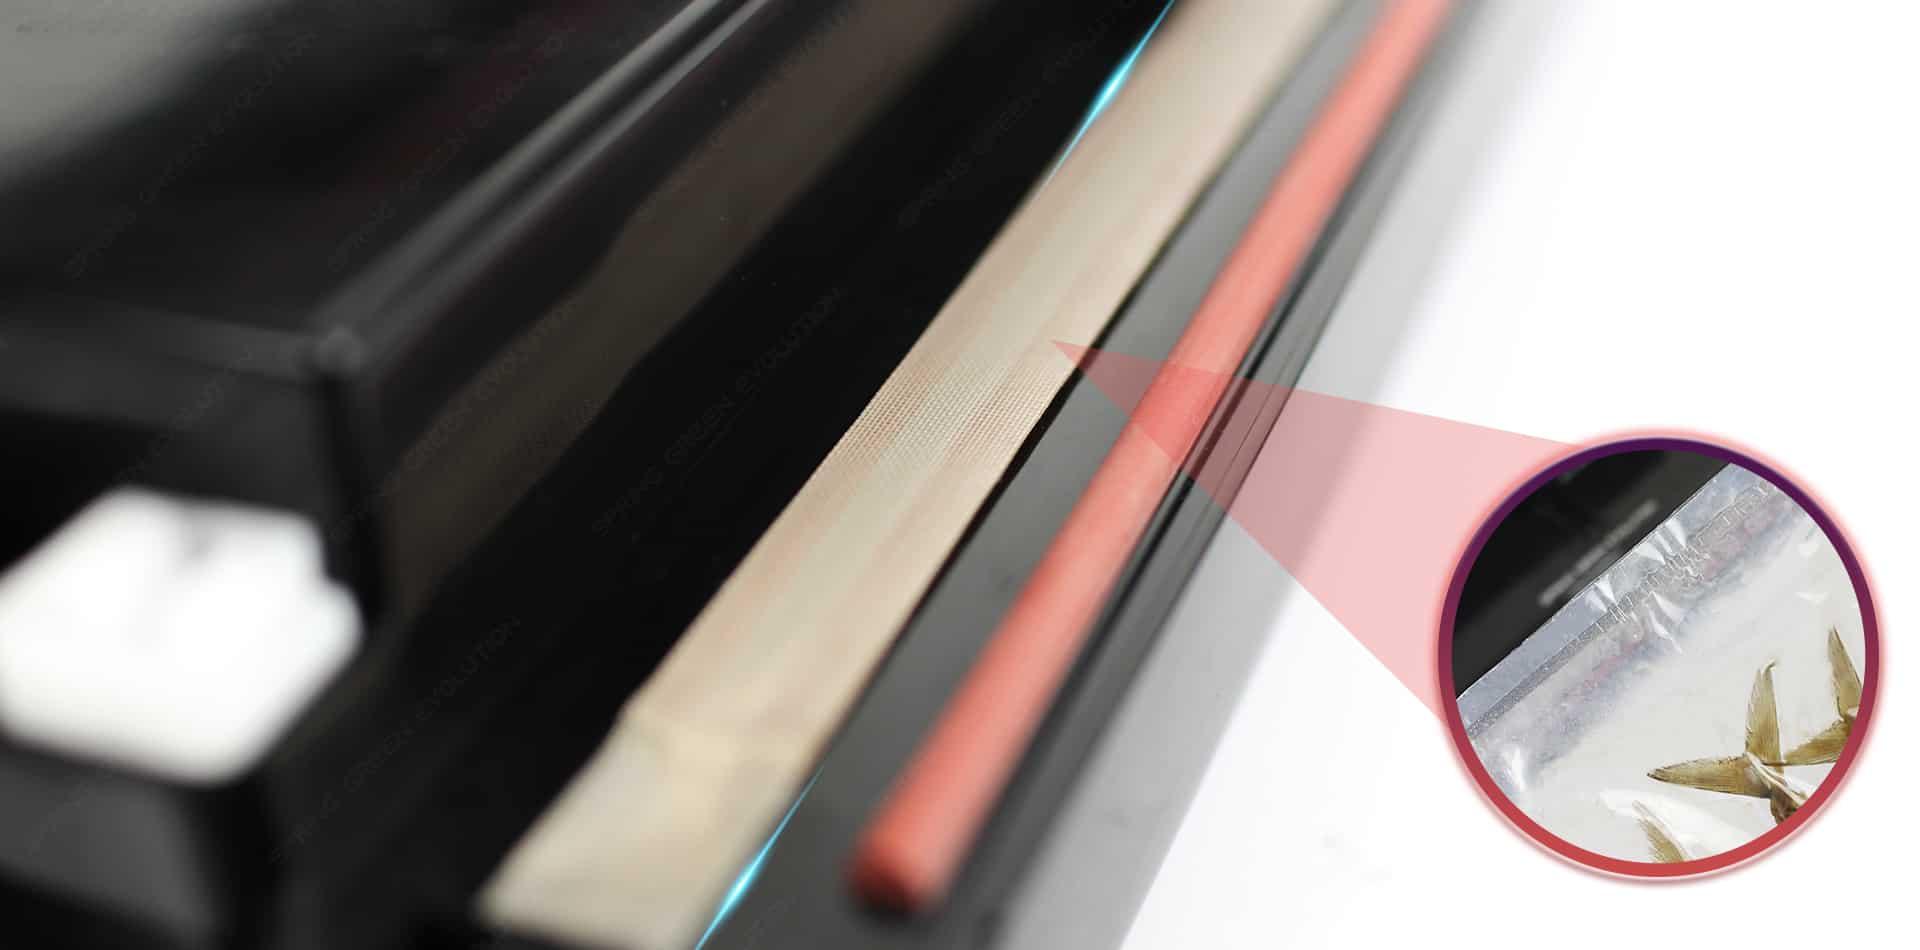 dải hàn máy vc-lee dài 30cm dày 4mm